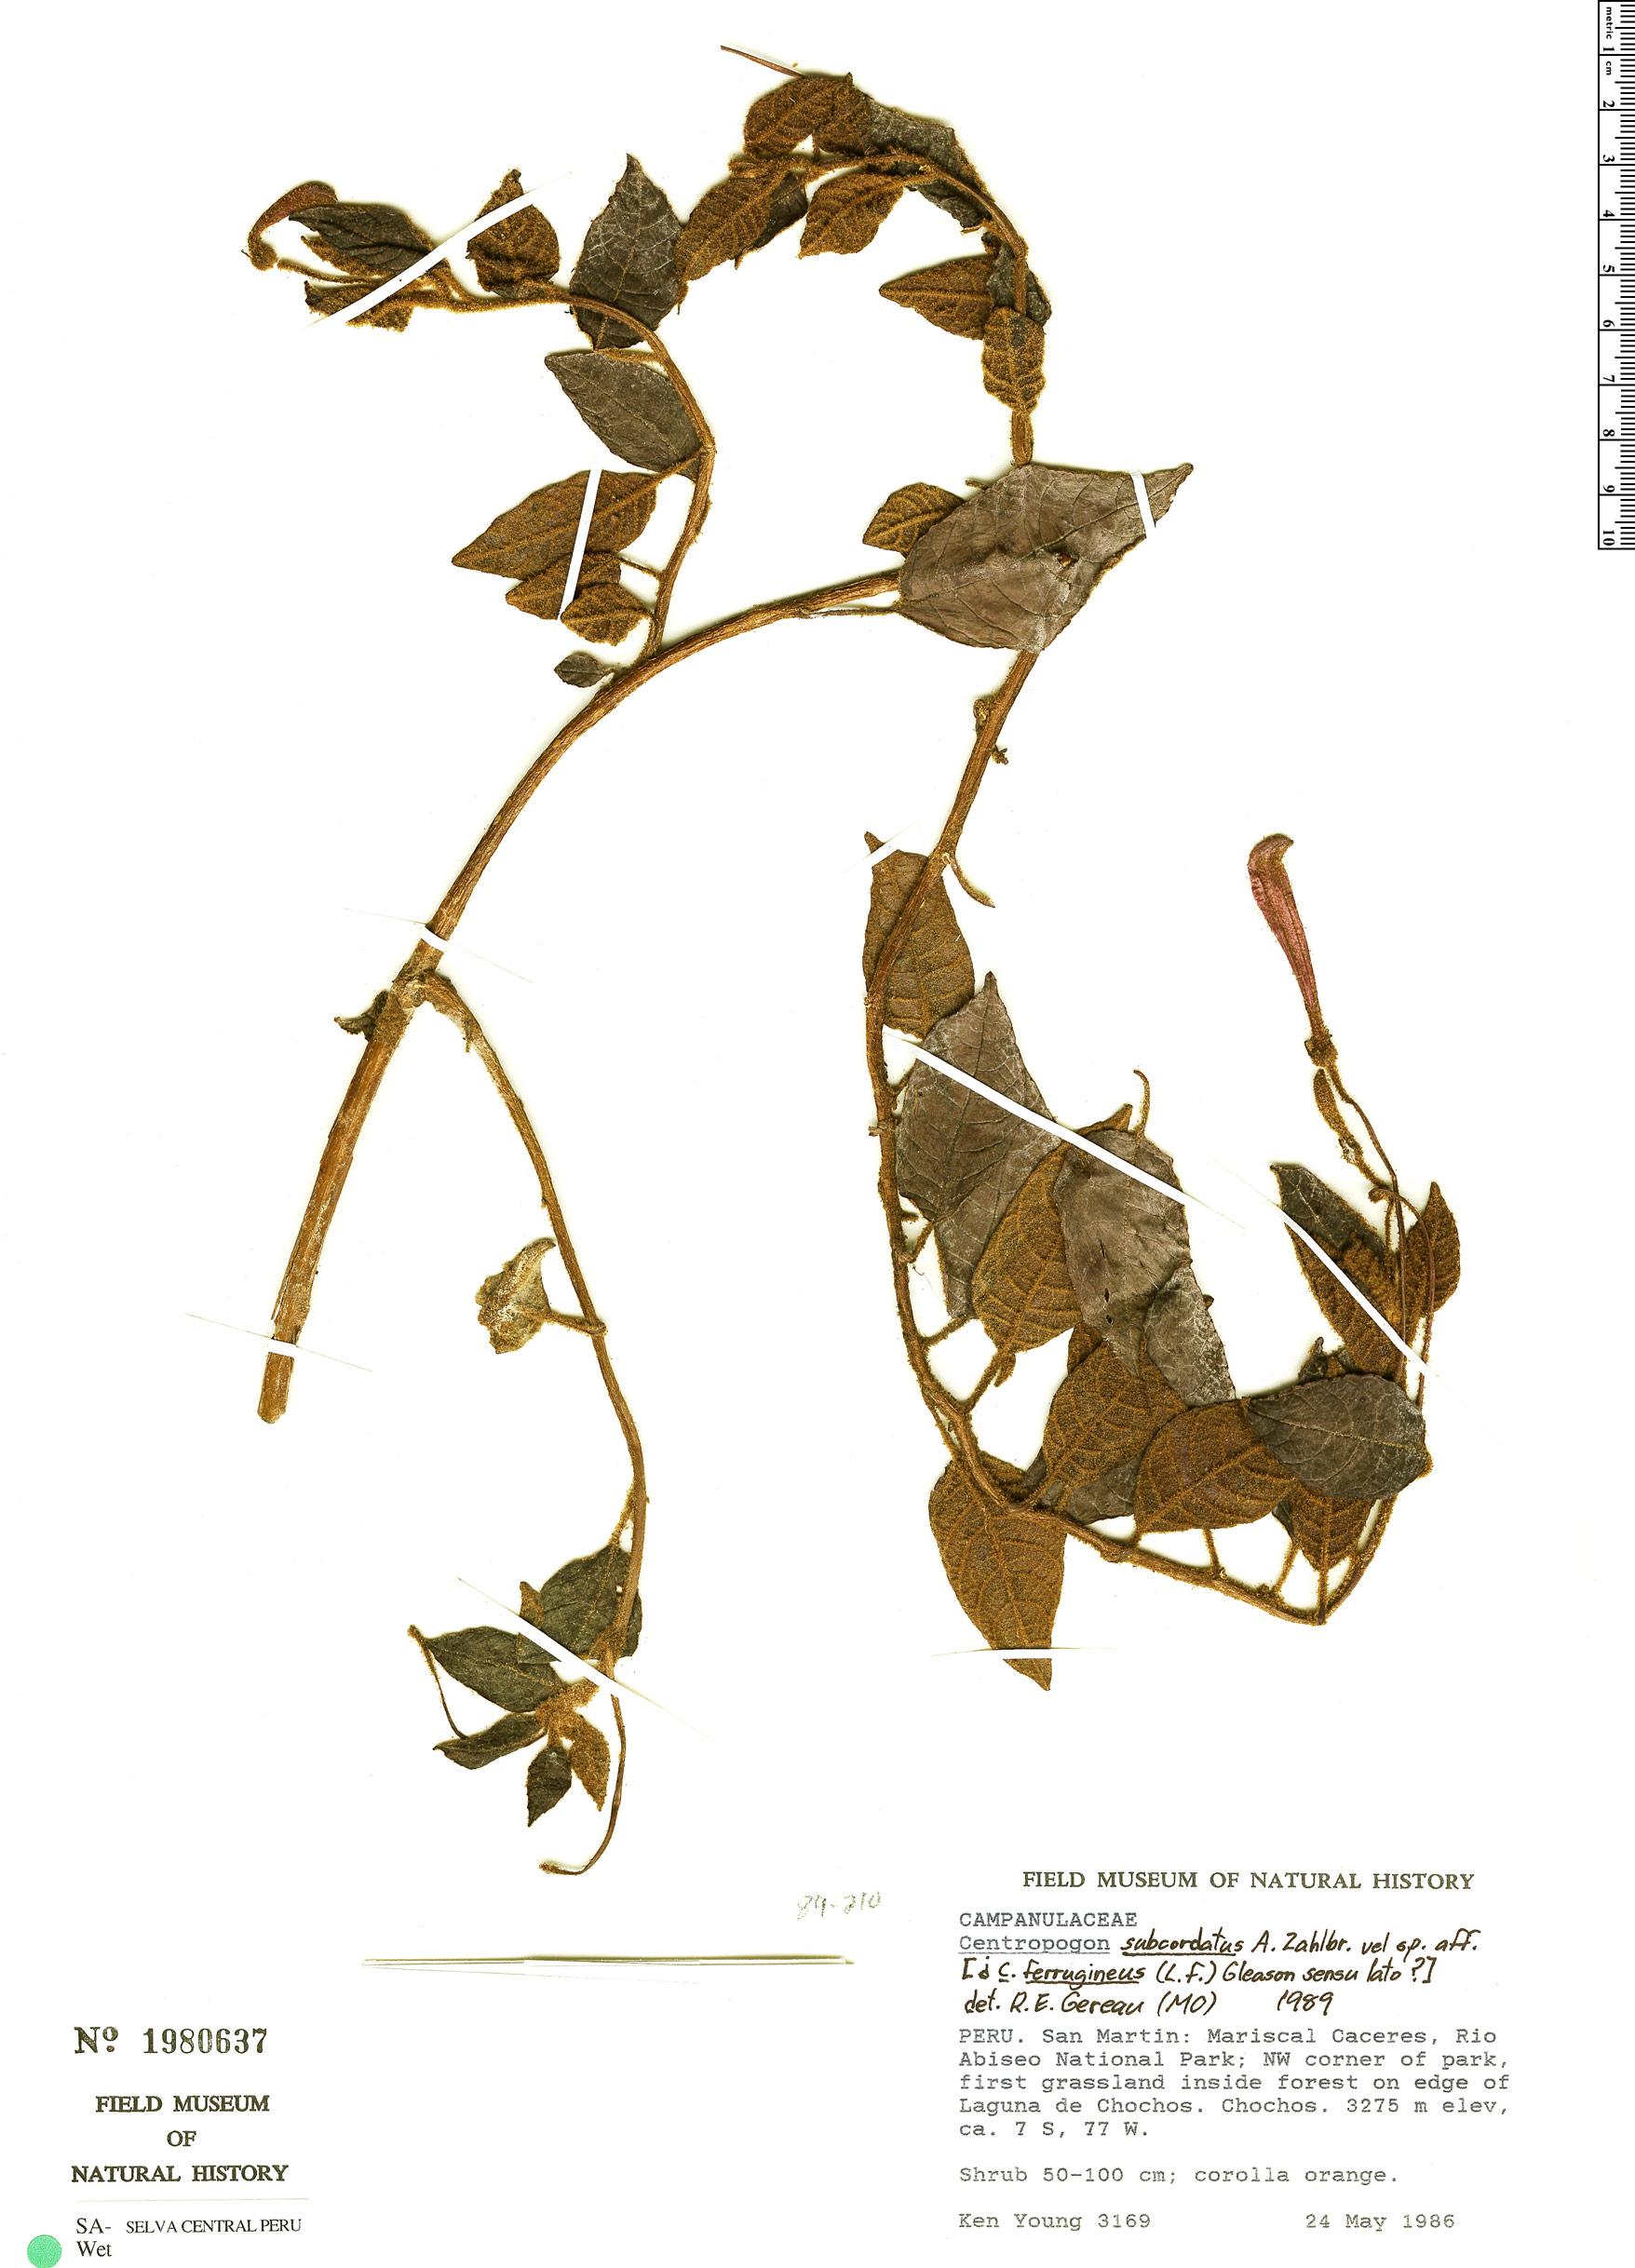 Specimen: Centropogon subcordatus